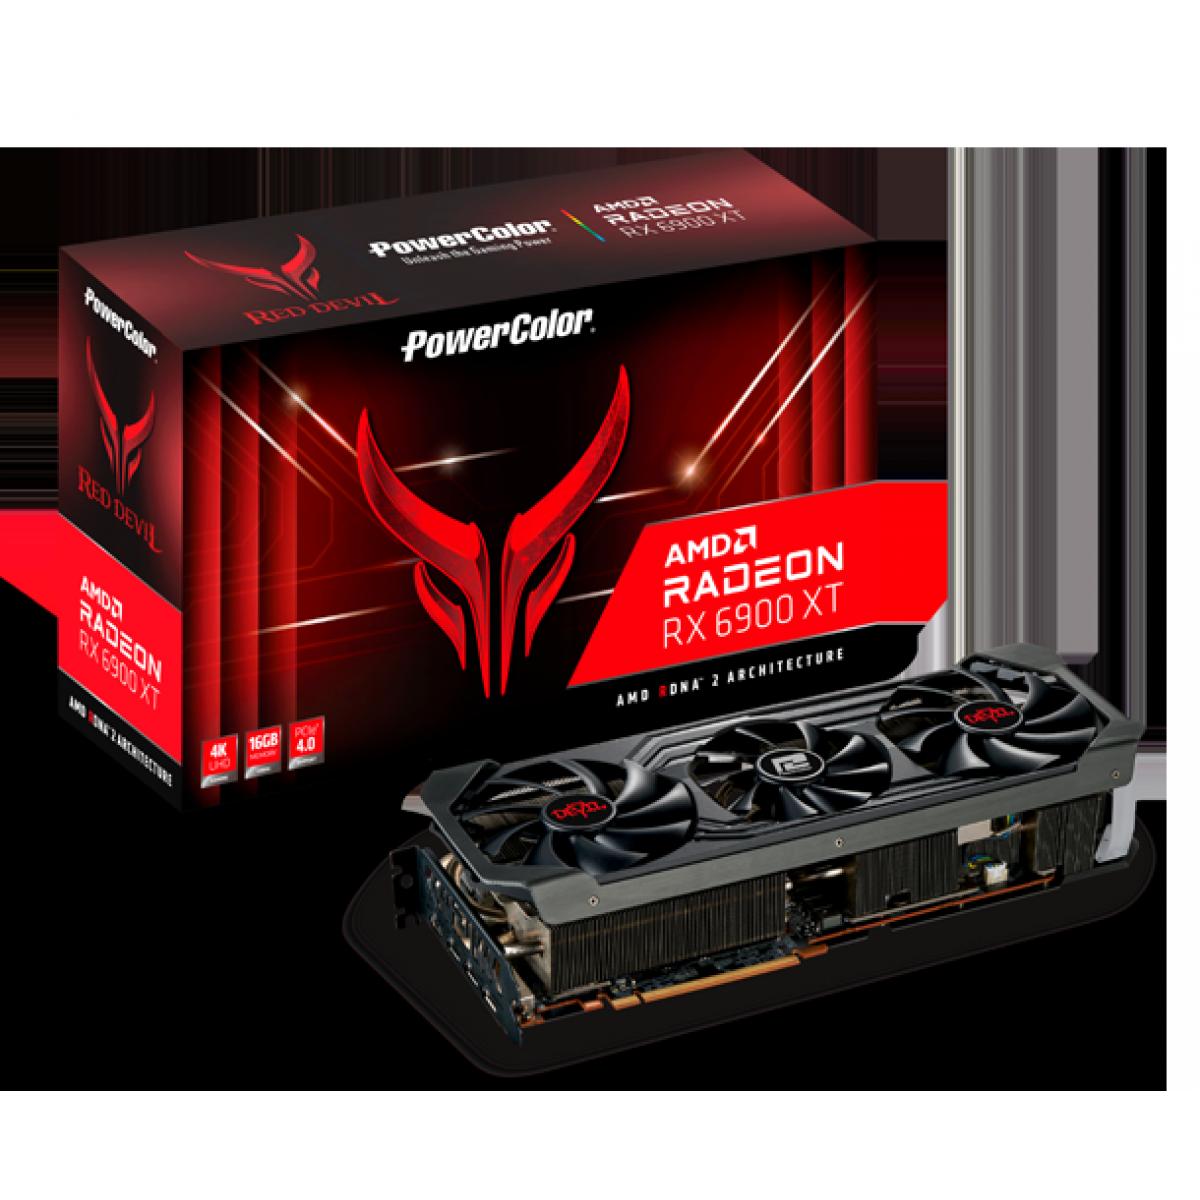 Placa de Vídeo PowerColor Radeon RX 6900 XT Red Devil, 16GB, GDDR6, 256bit, AXRX 6900XT 16GBD6-3DHE/OC - Open Box